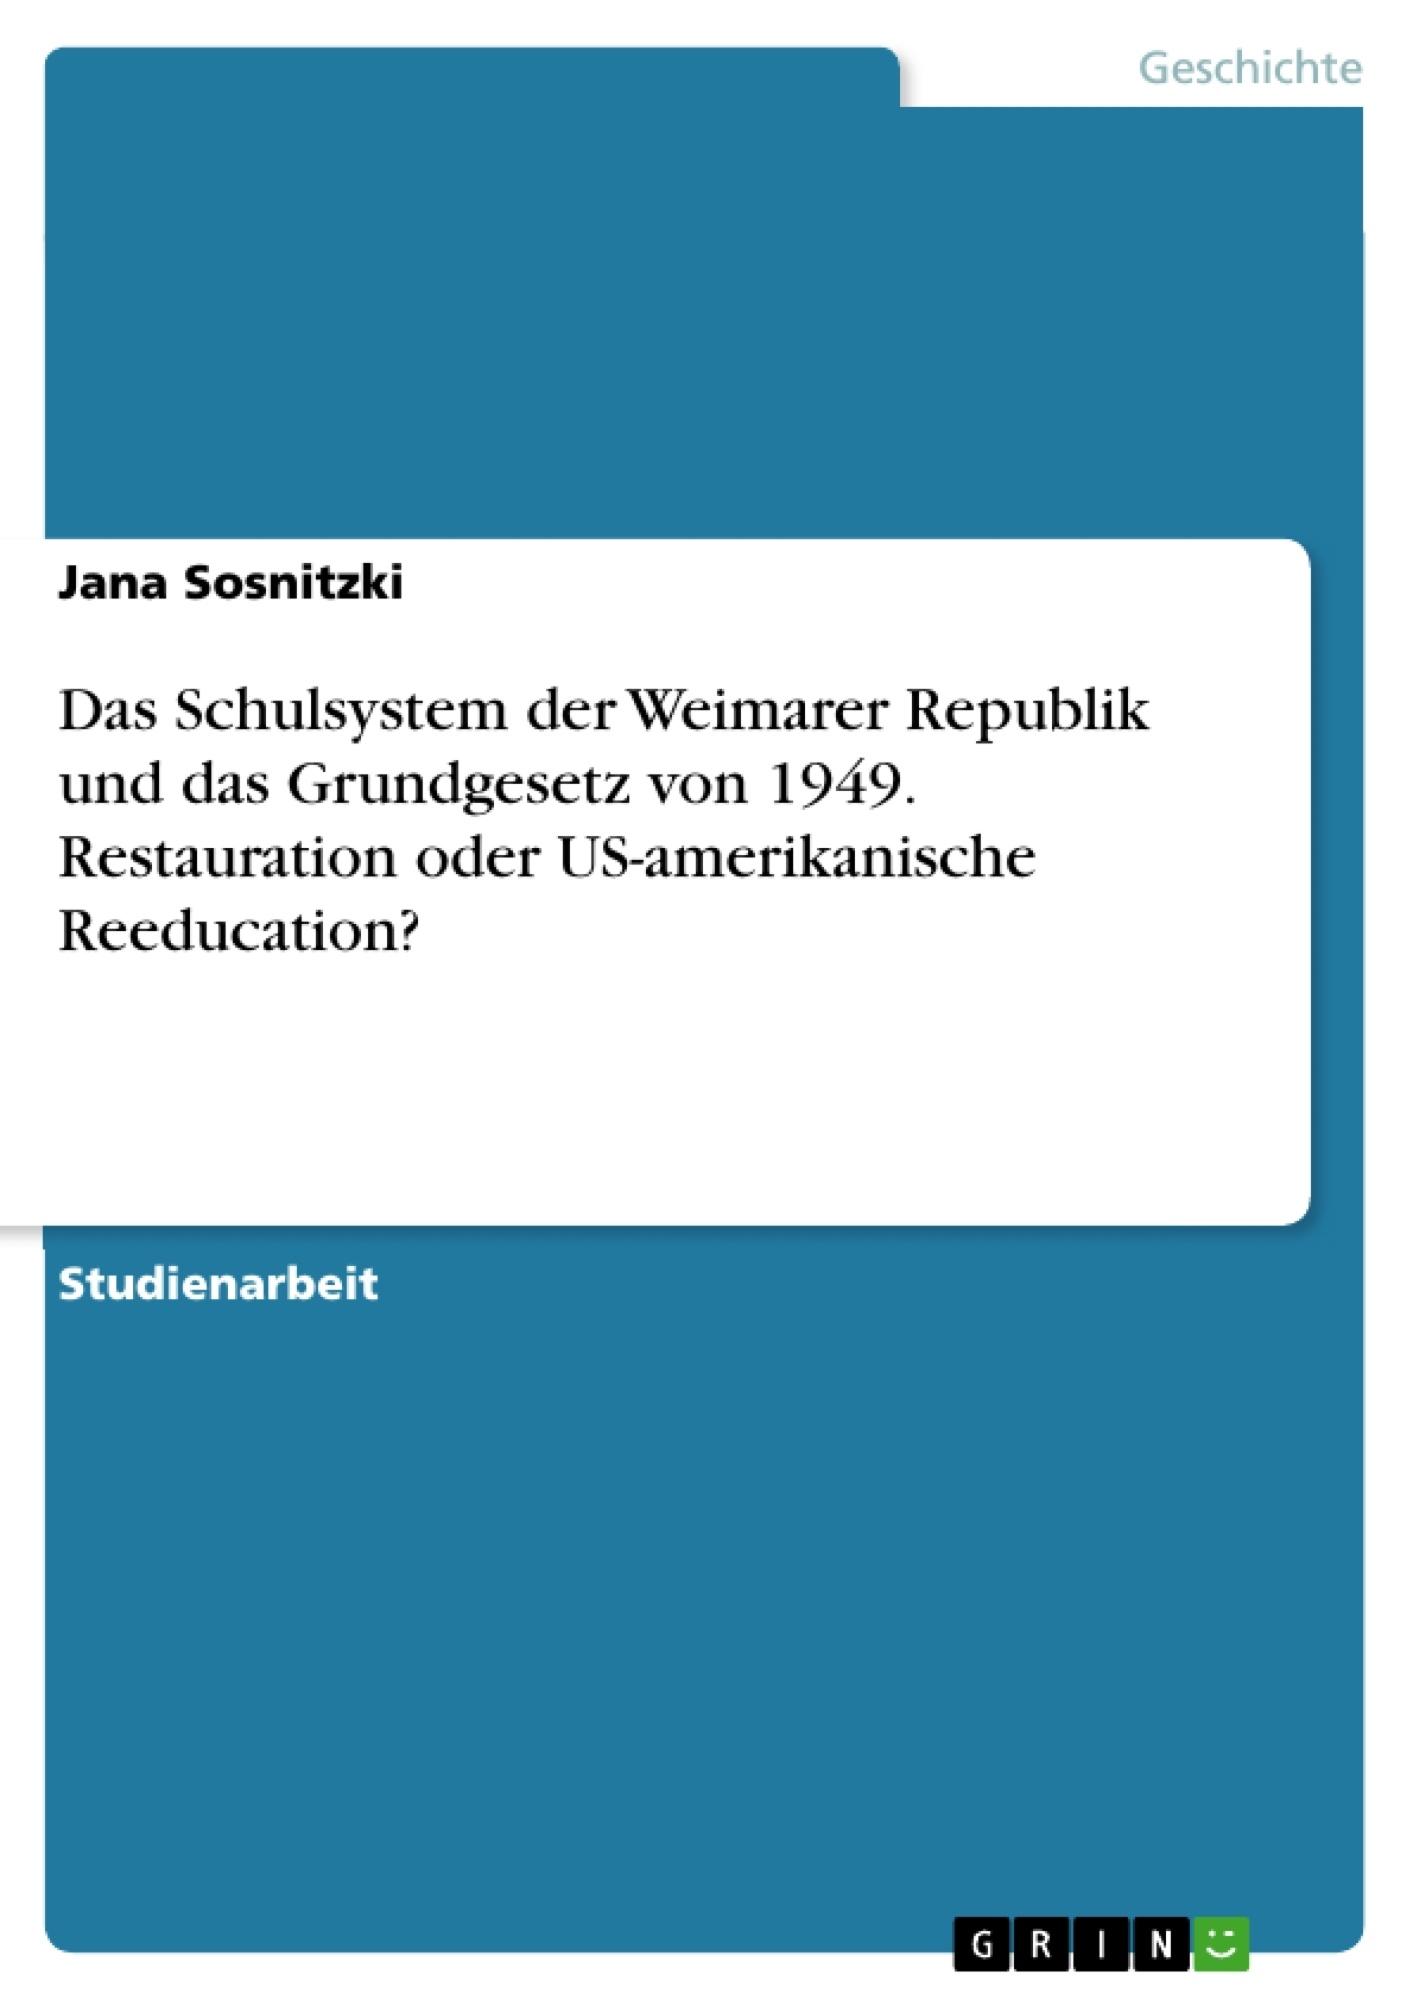 Titel: Das Schulsystem der Weimarer Republik und das Grundgesetz von 1949. Restauration oder US-amerikanische Reeducation?